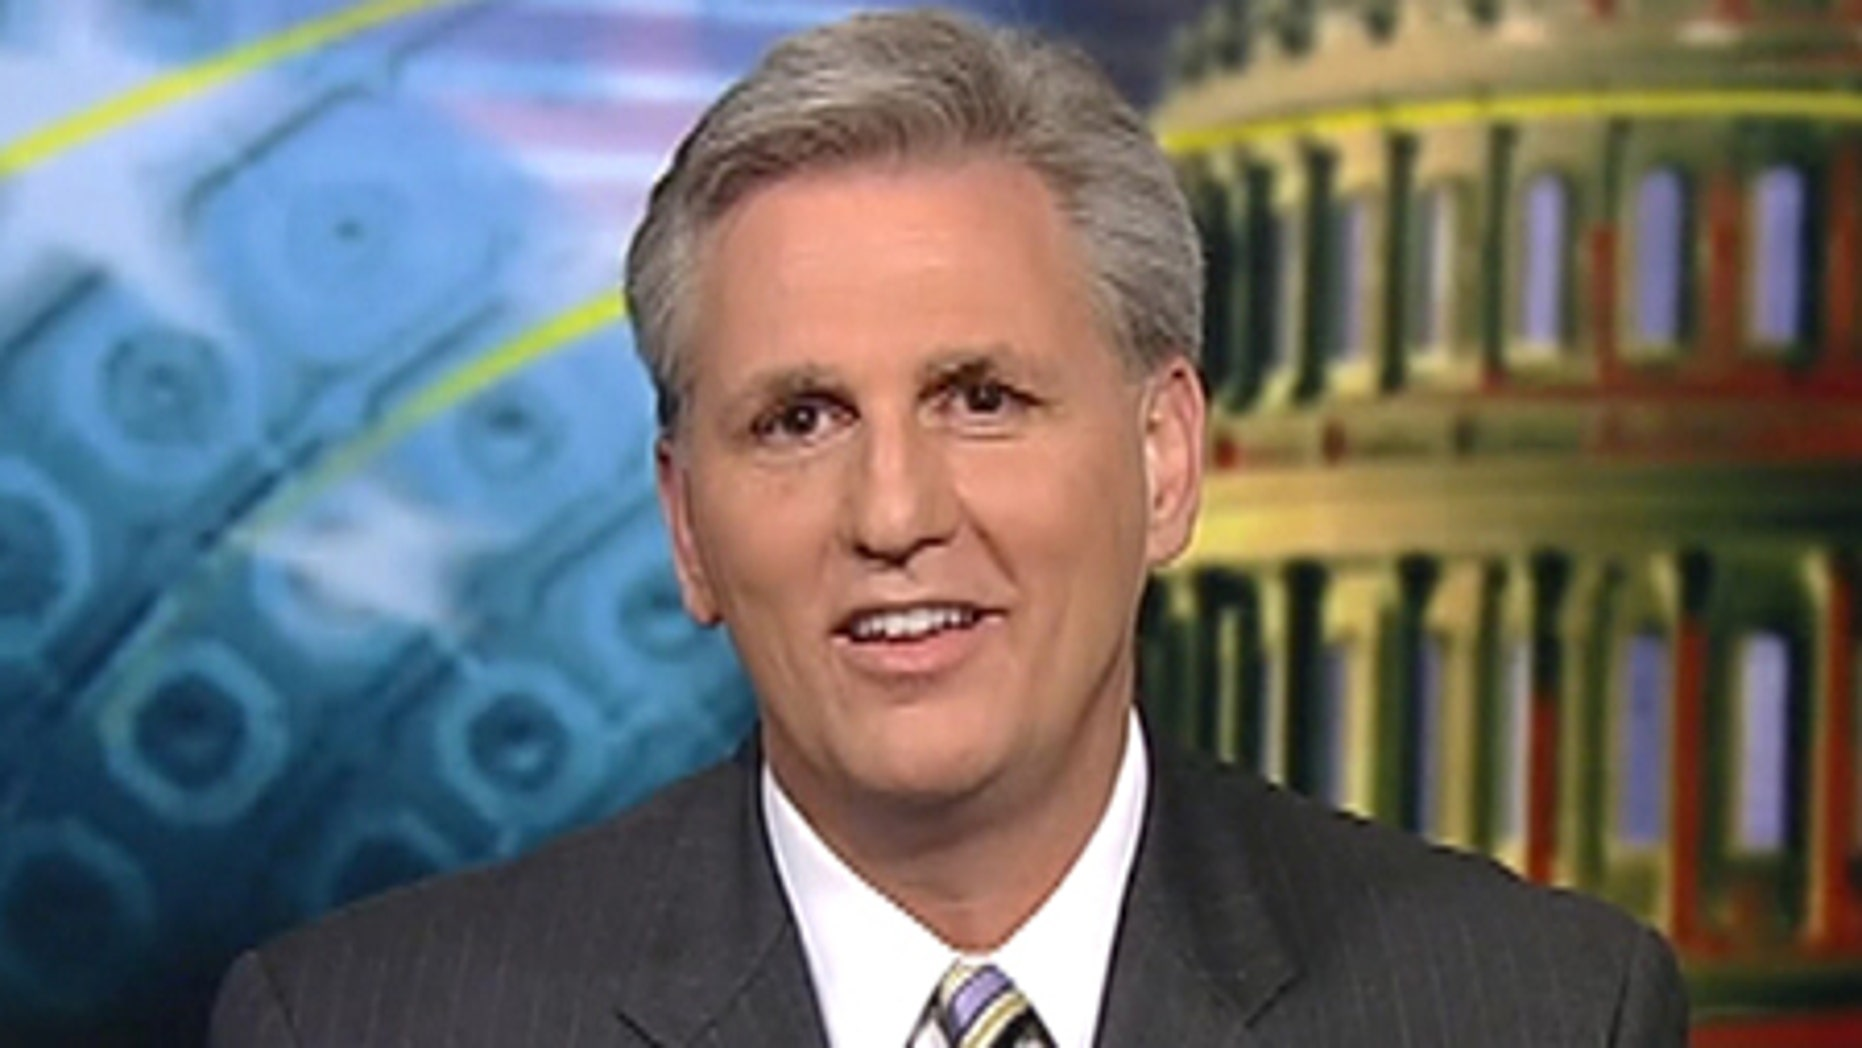 Rep. Kevin McCarthy, R-Calif.